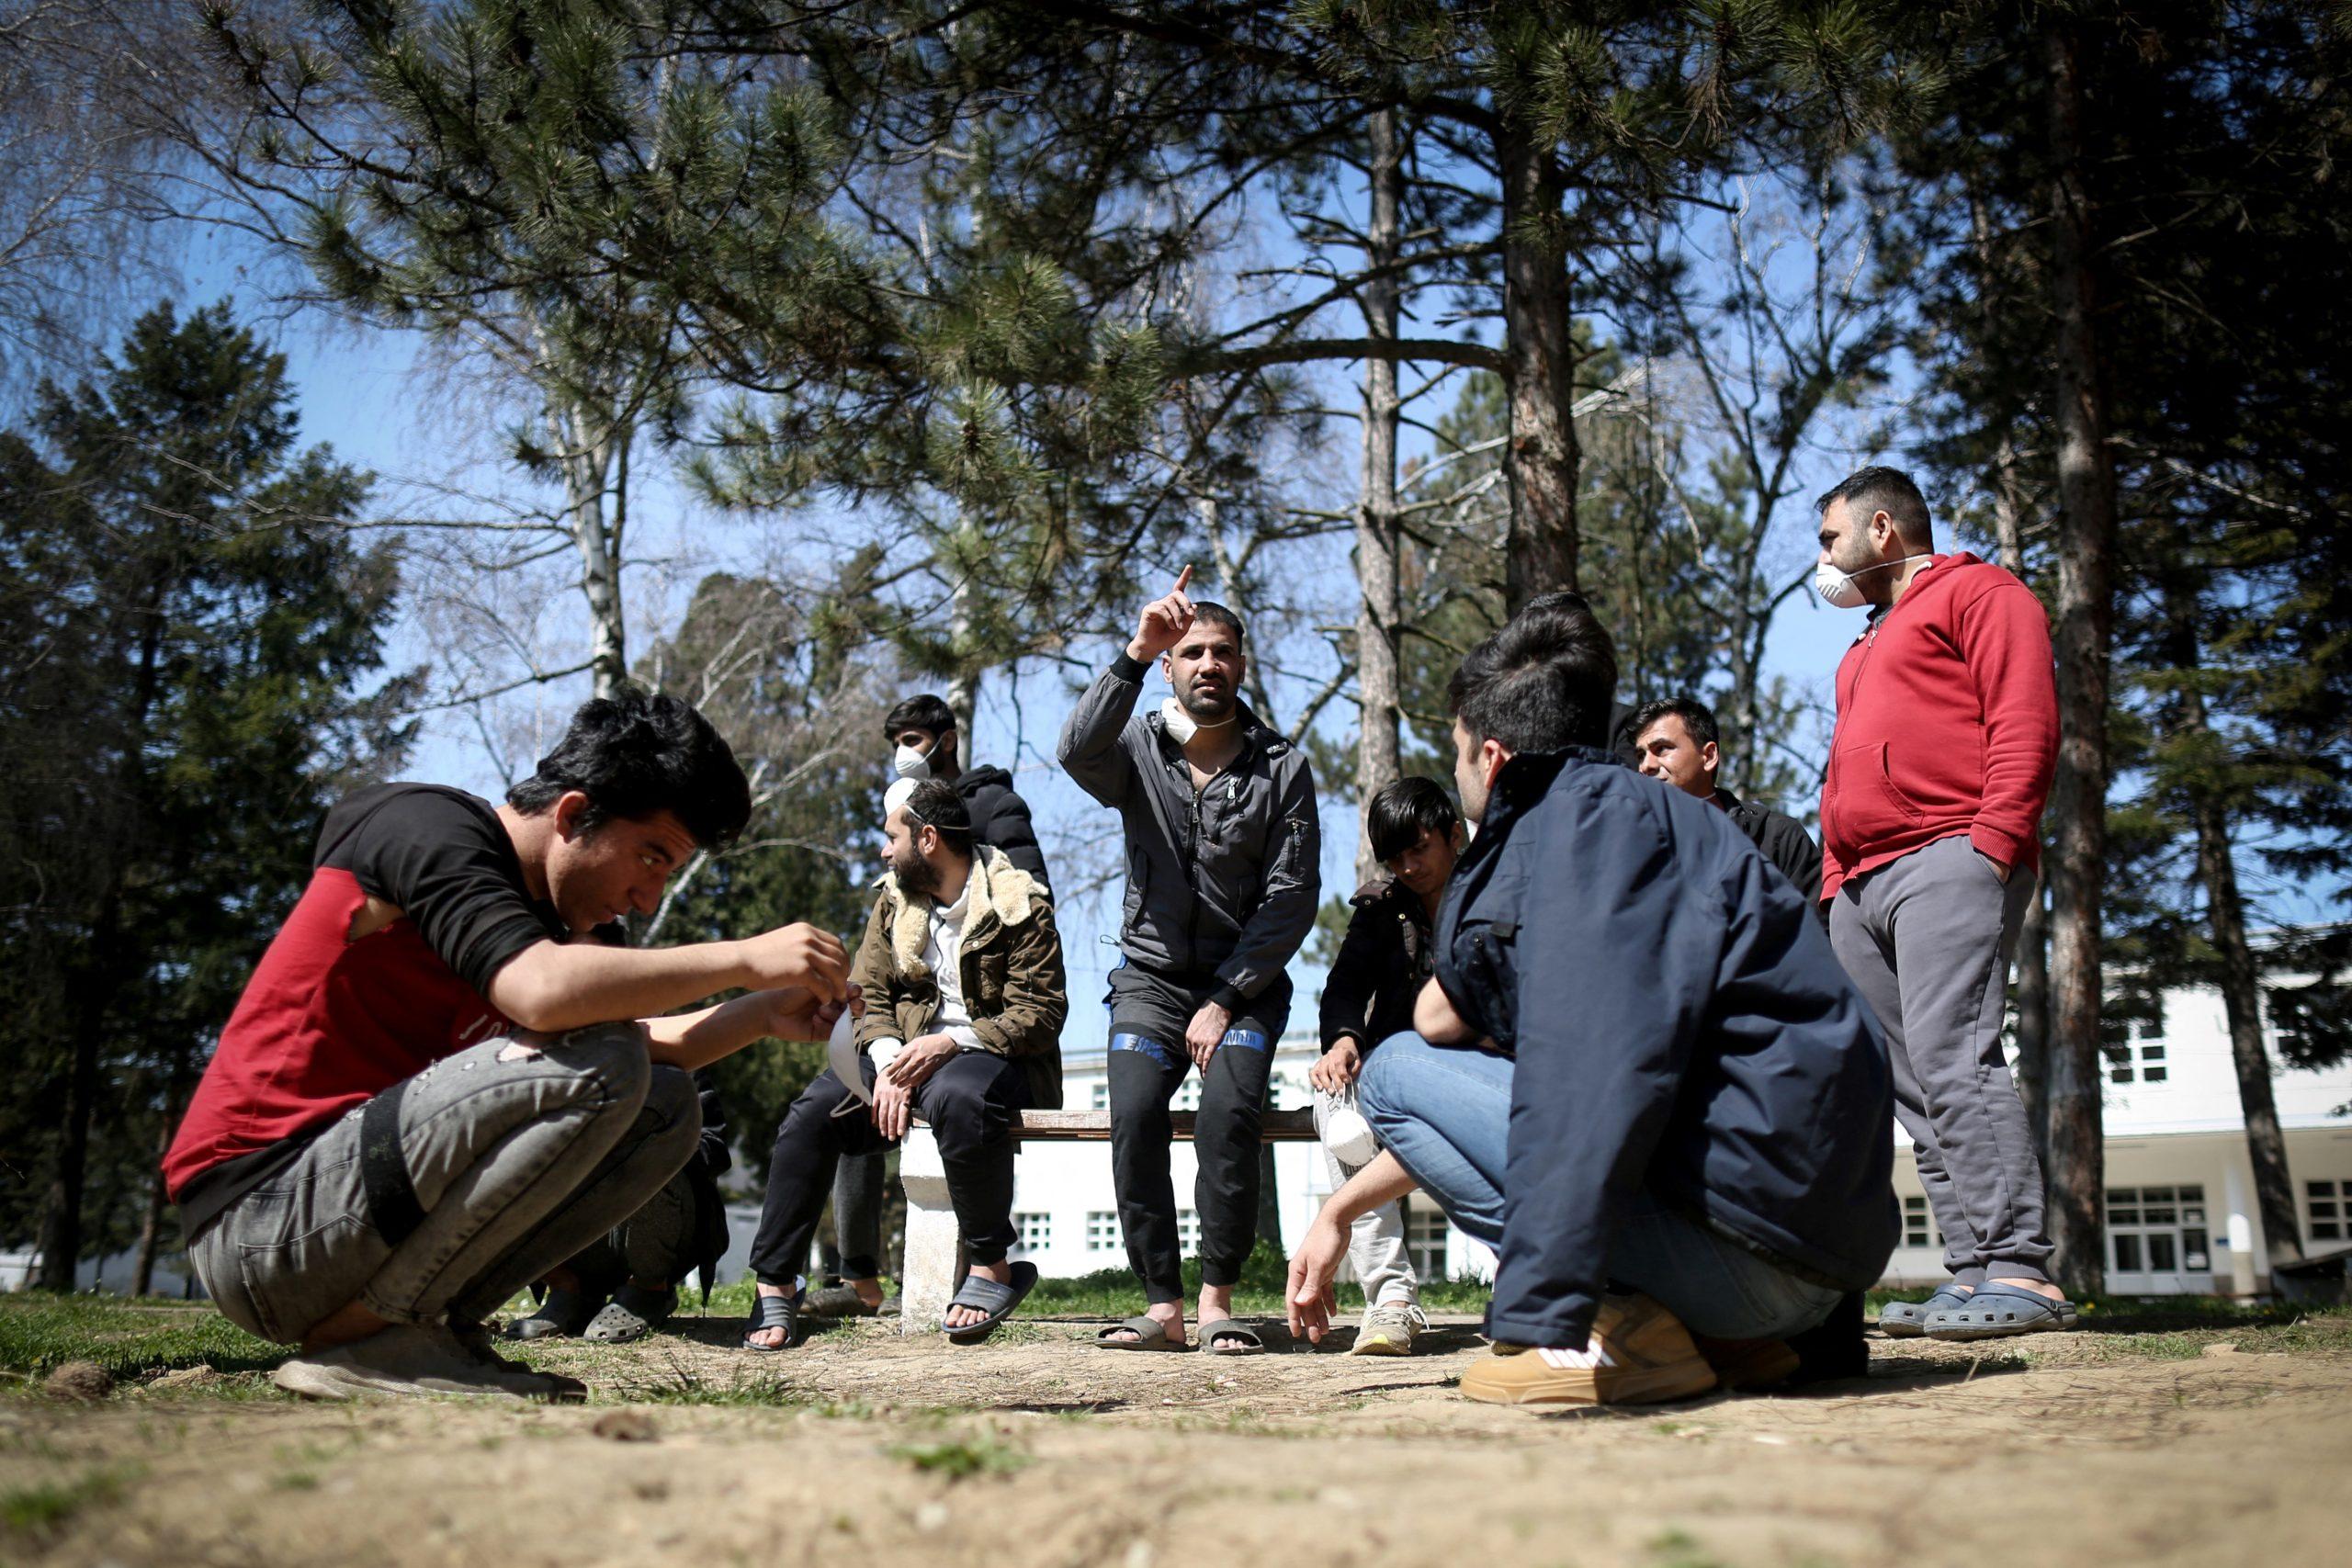 Nach Truppenabzug und Wiedererstarken der Taliban droht neue Flüchtlingswelle aus Afghanistan